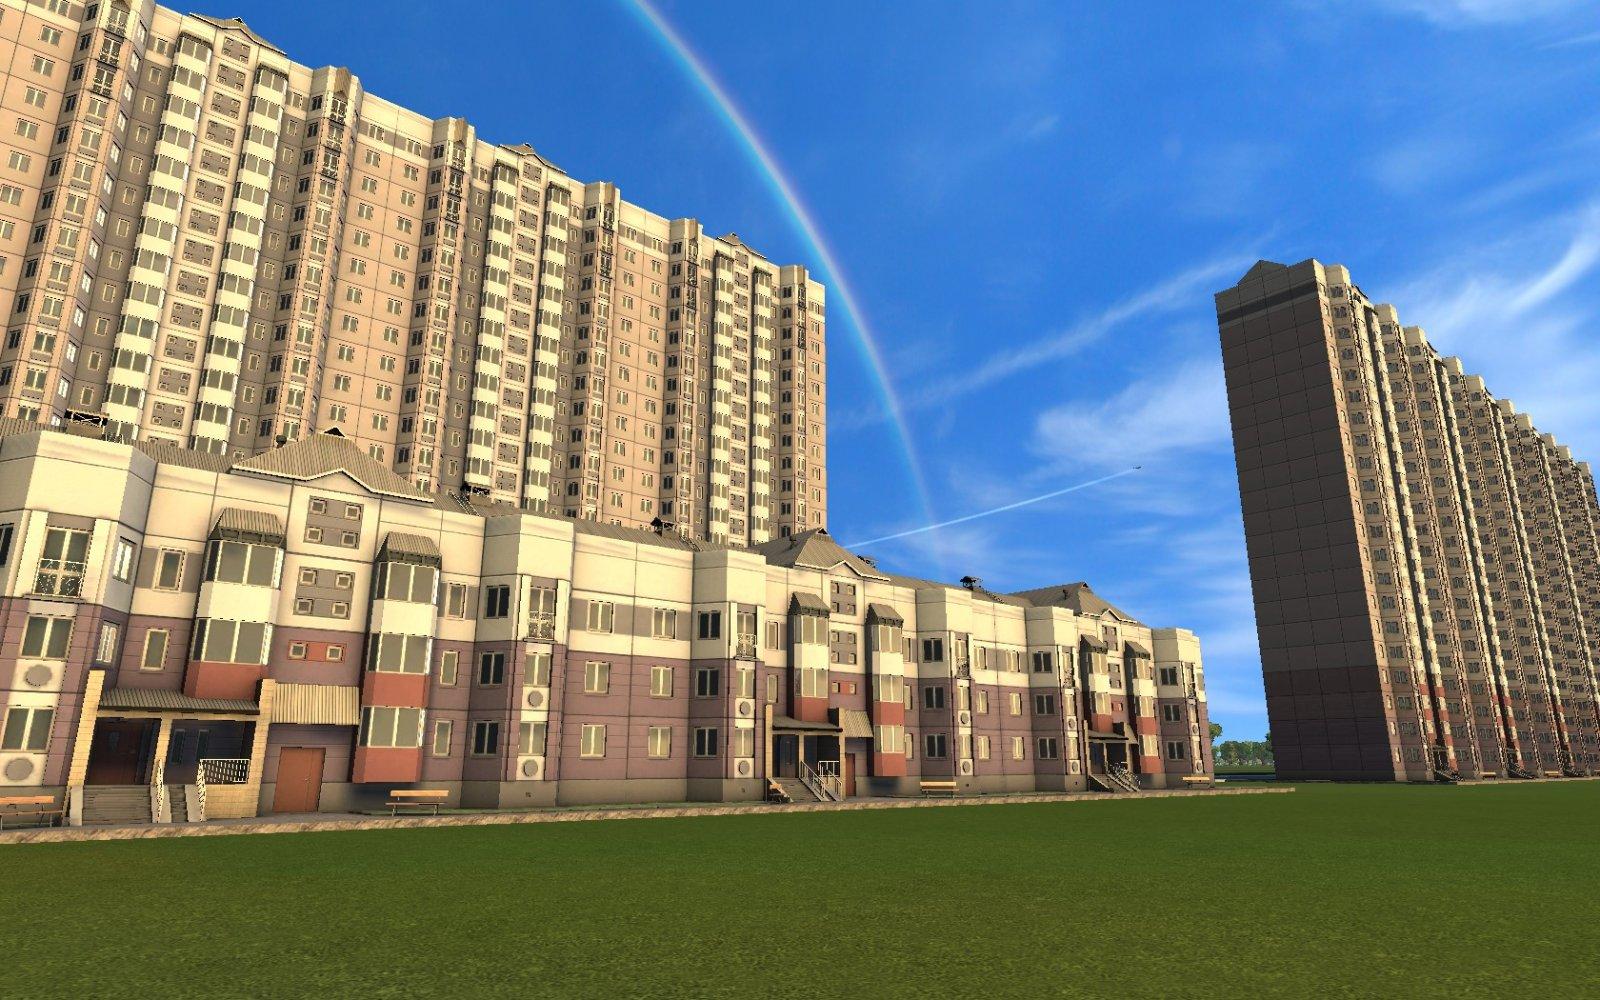 gamescreen0040.jpg